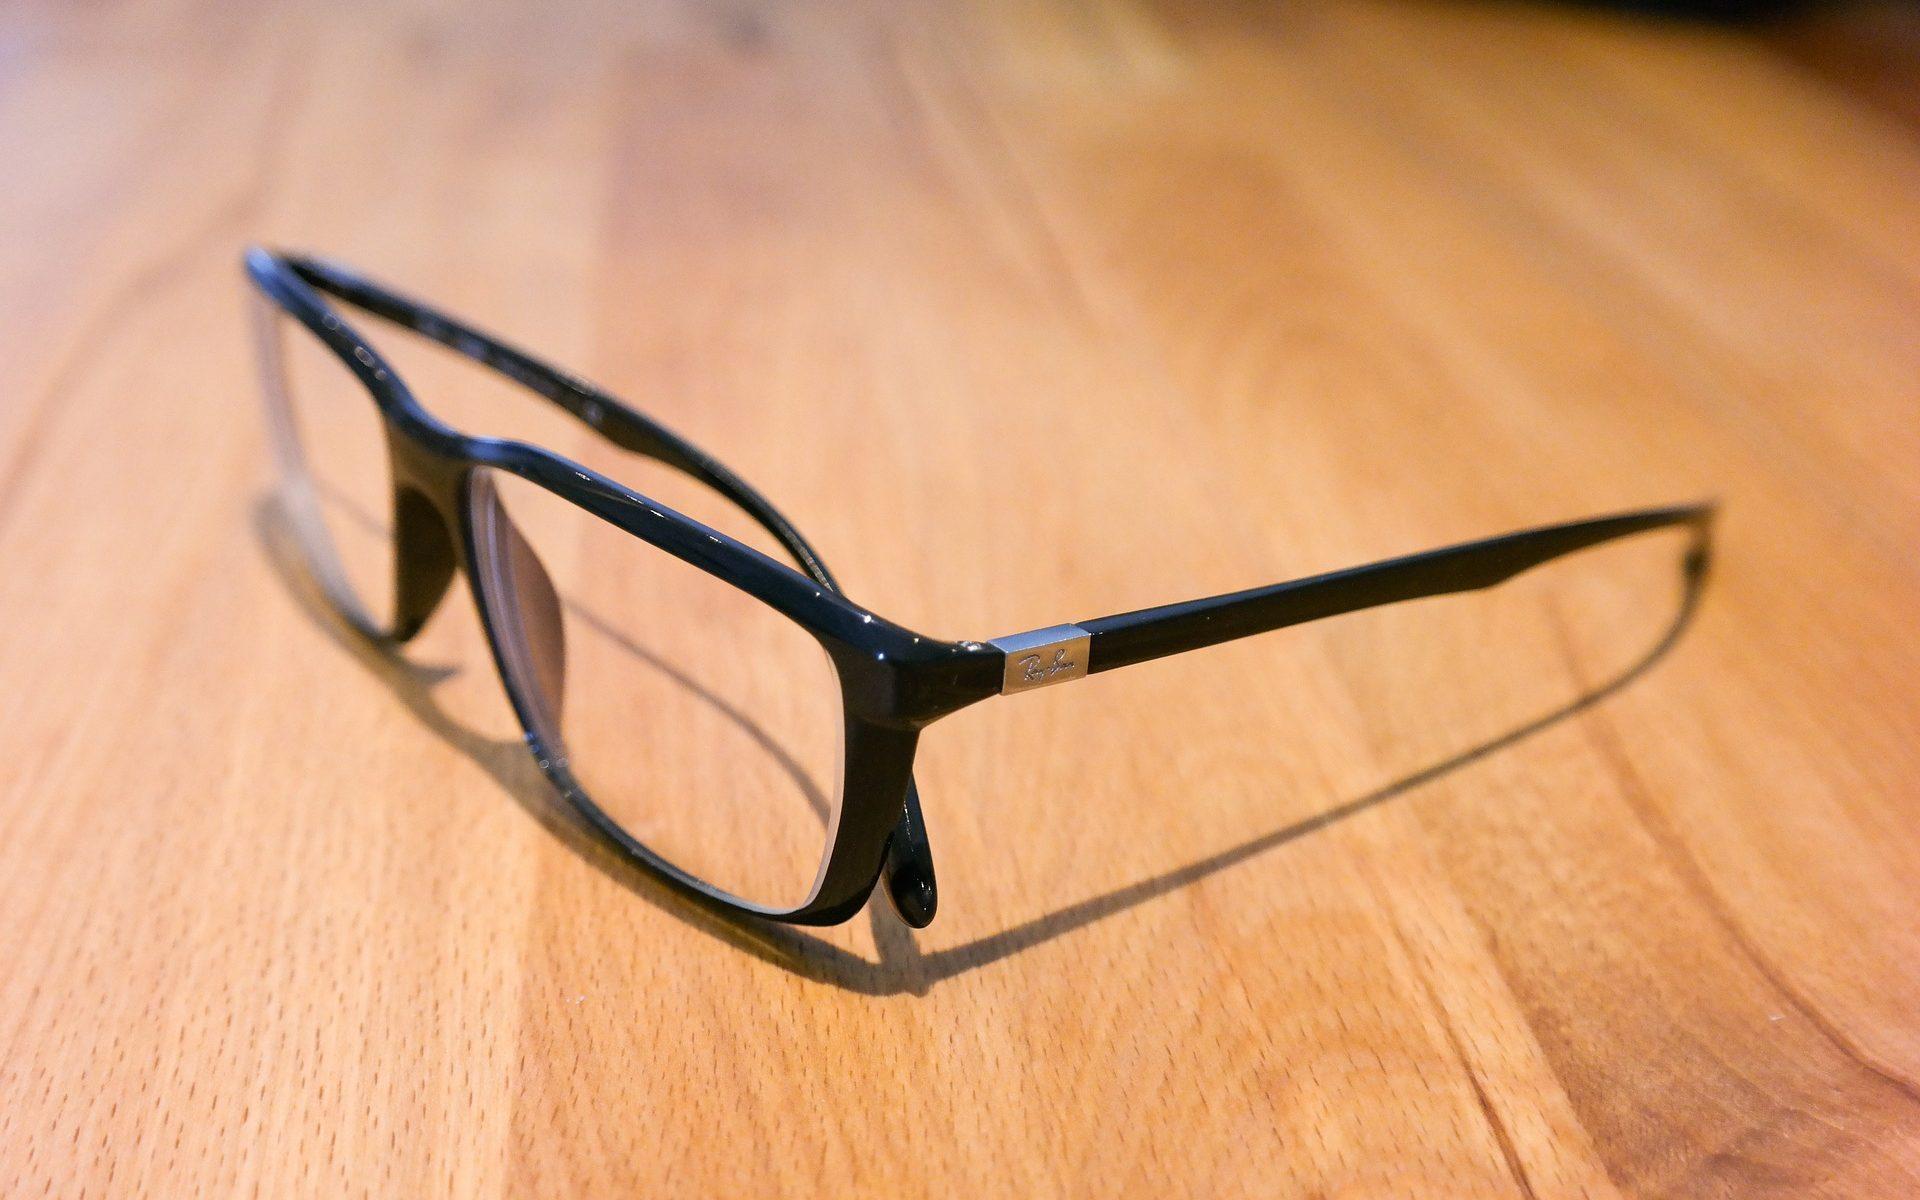 7b4a666dba9ccb Okulary korygujące wzrok dla pracownika zatrudnionego na stanowisku  robotniczym. Czy pracownikowi zwrot zakupu przysługuje. – Blog Marka z pasją